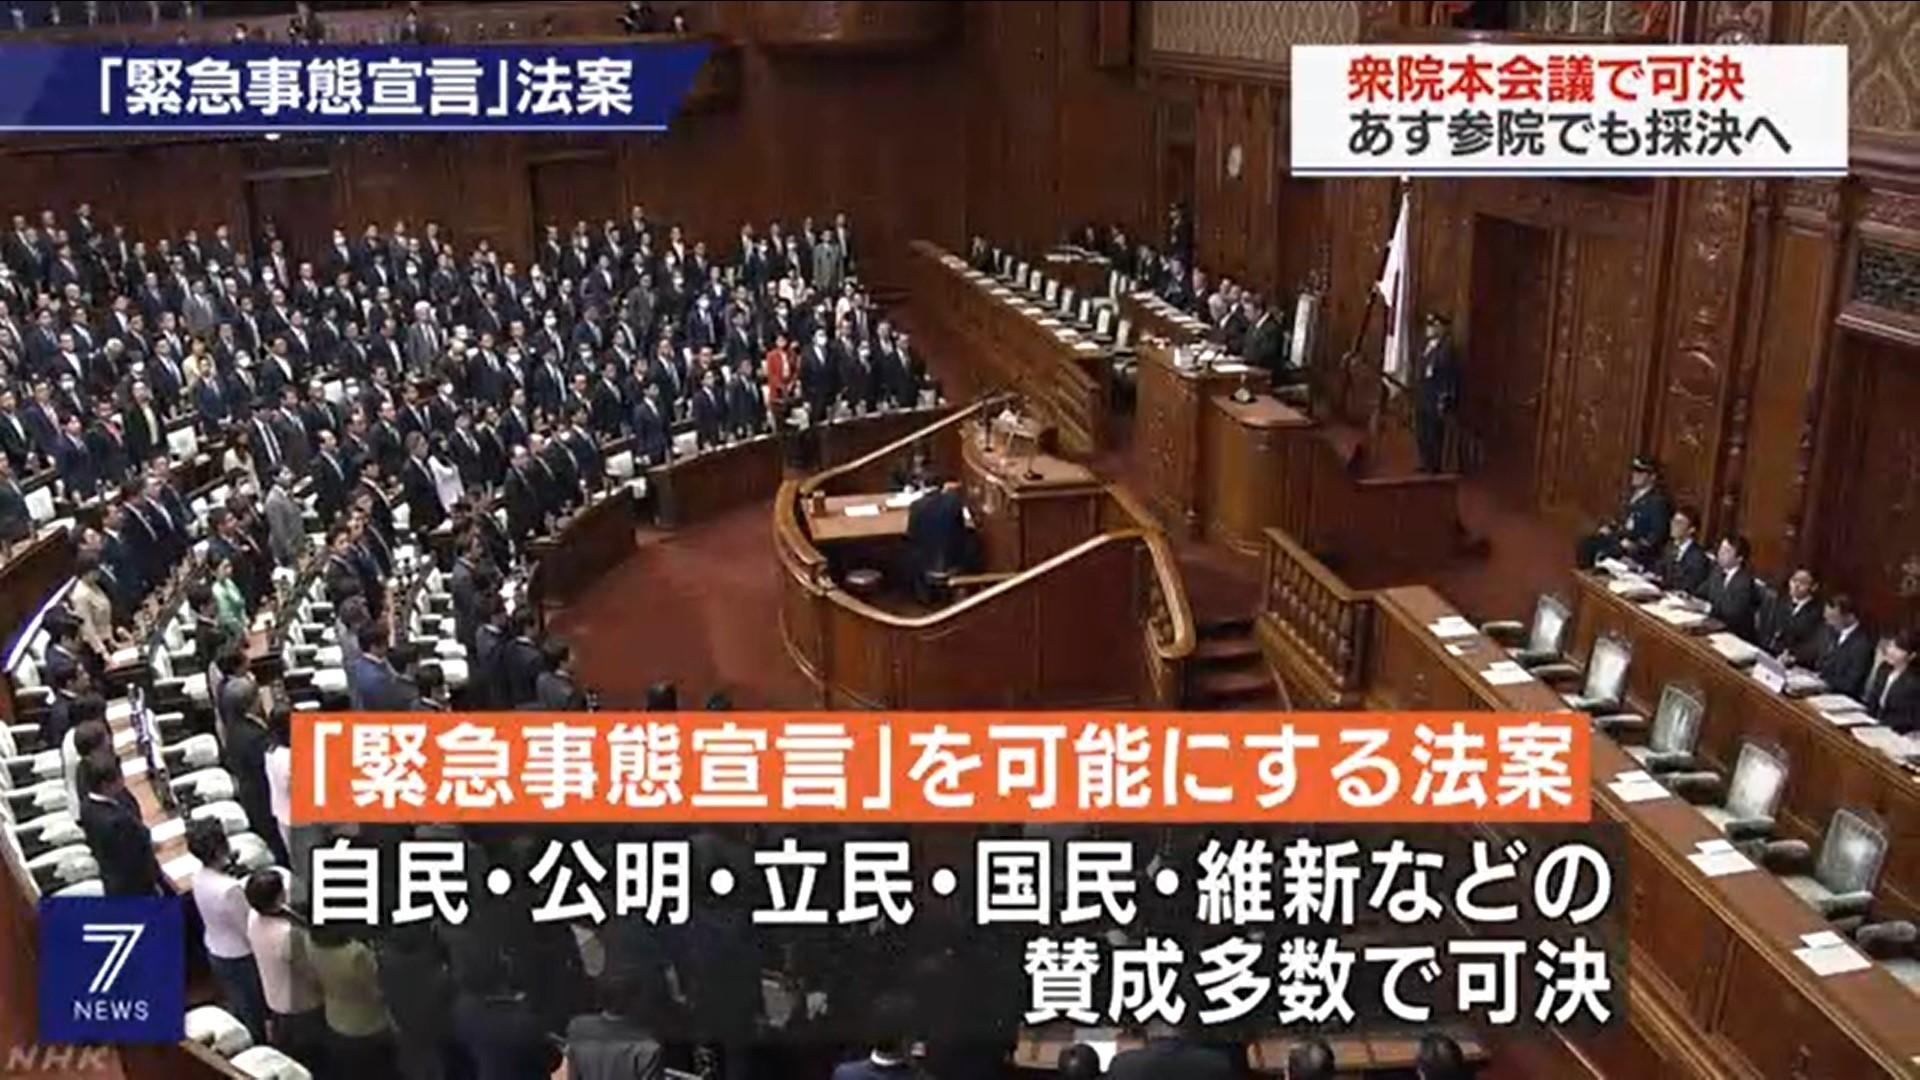 緊急事態宣言」可能にする法案 衆院で可決 | 注目の発言集 | NHK政治 ...